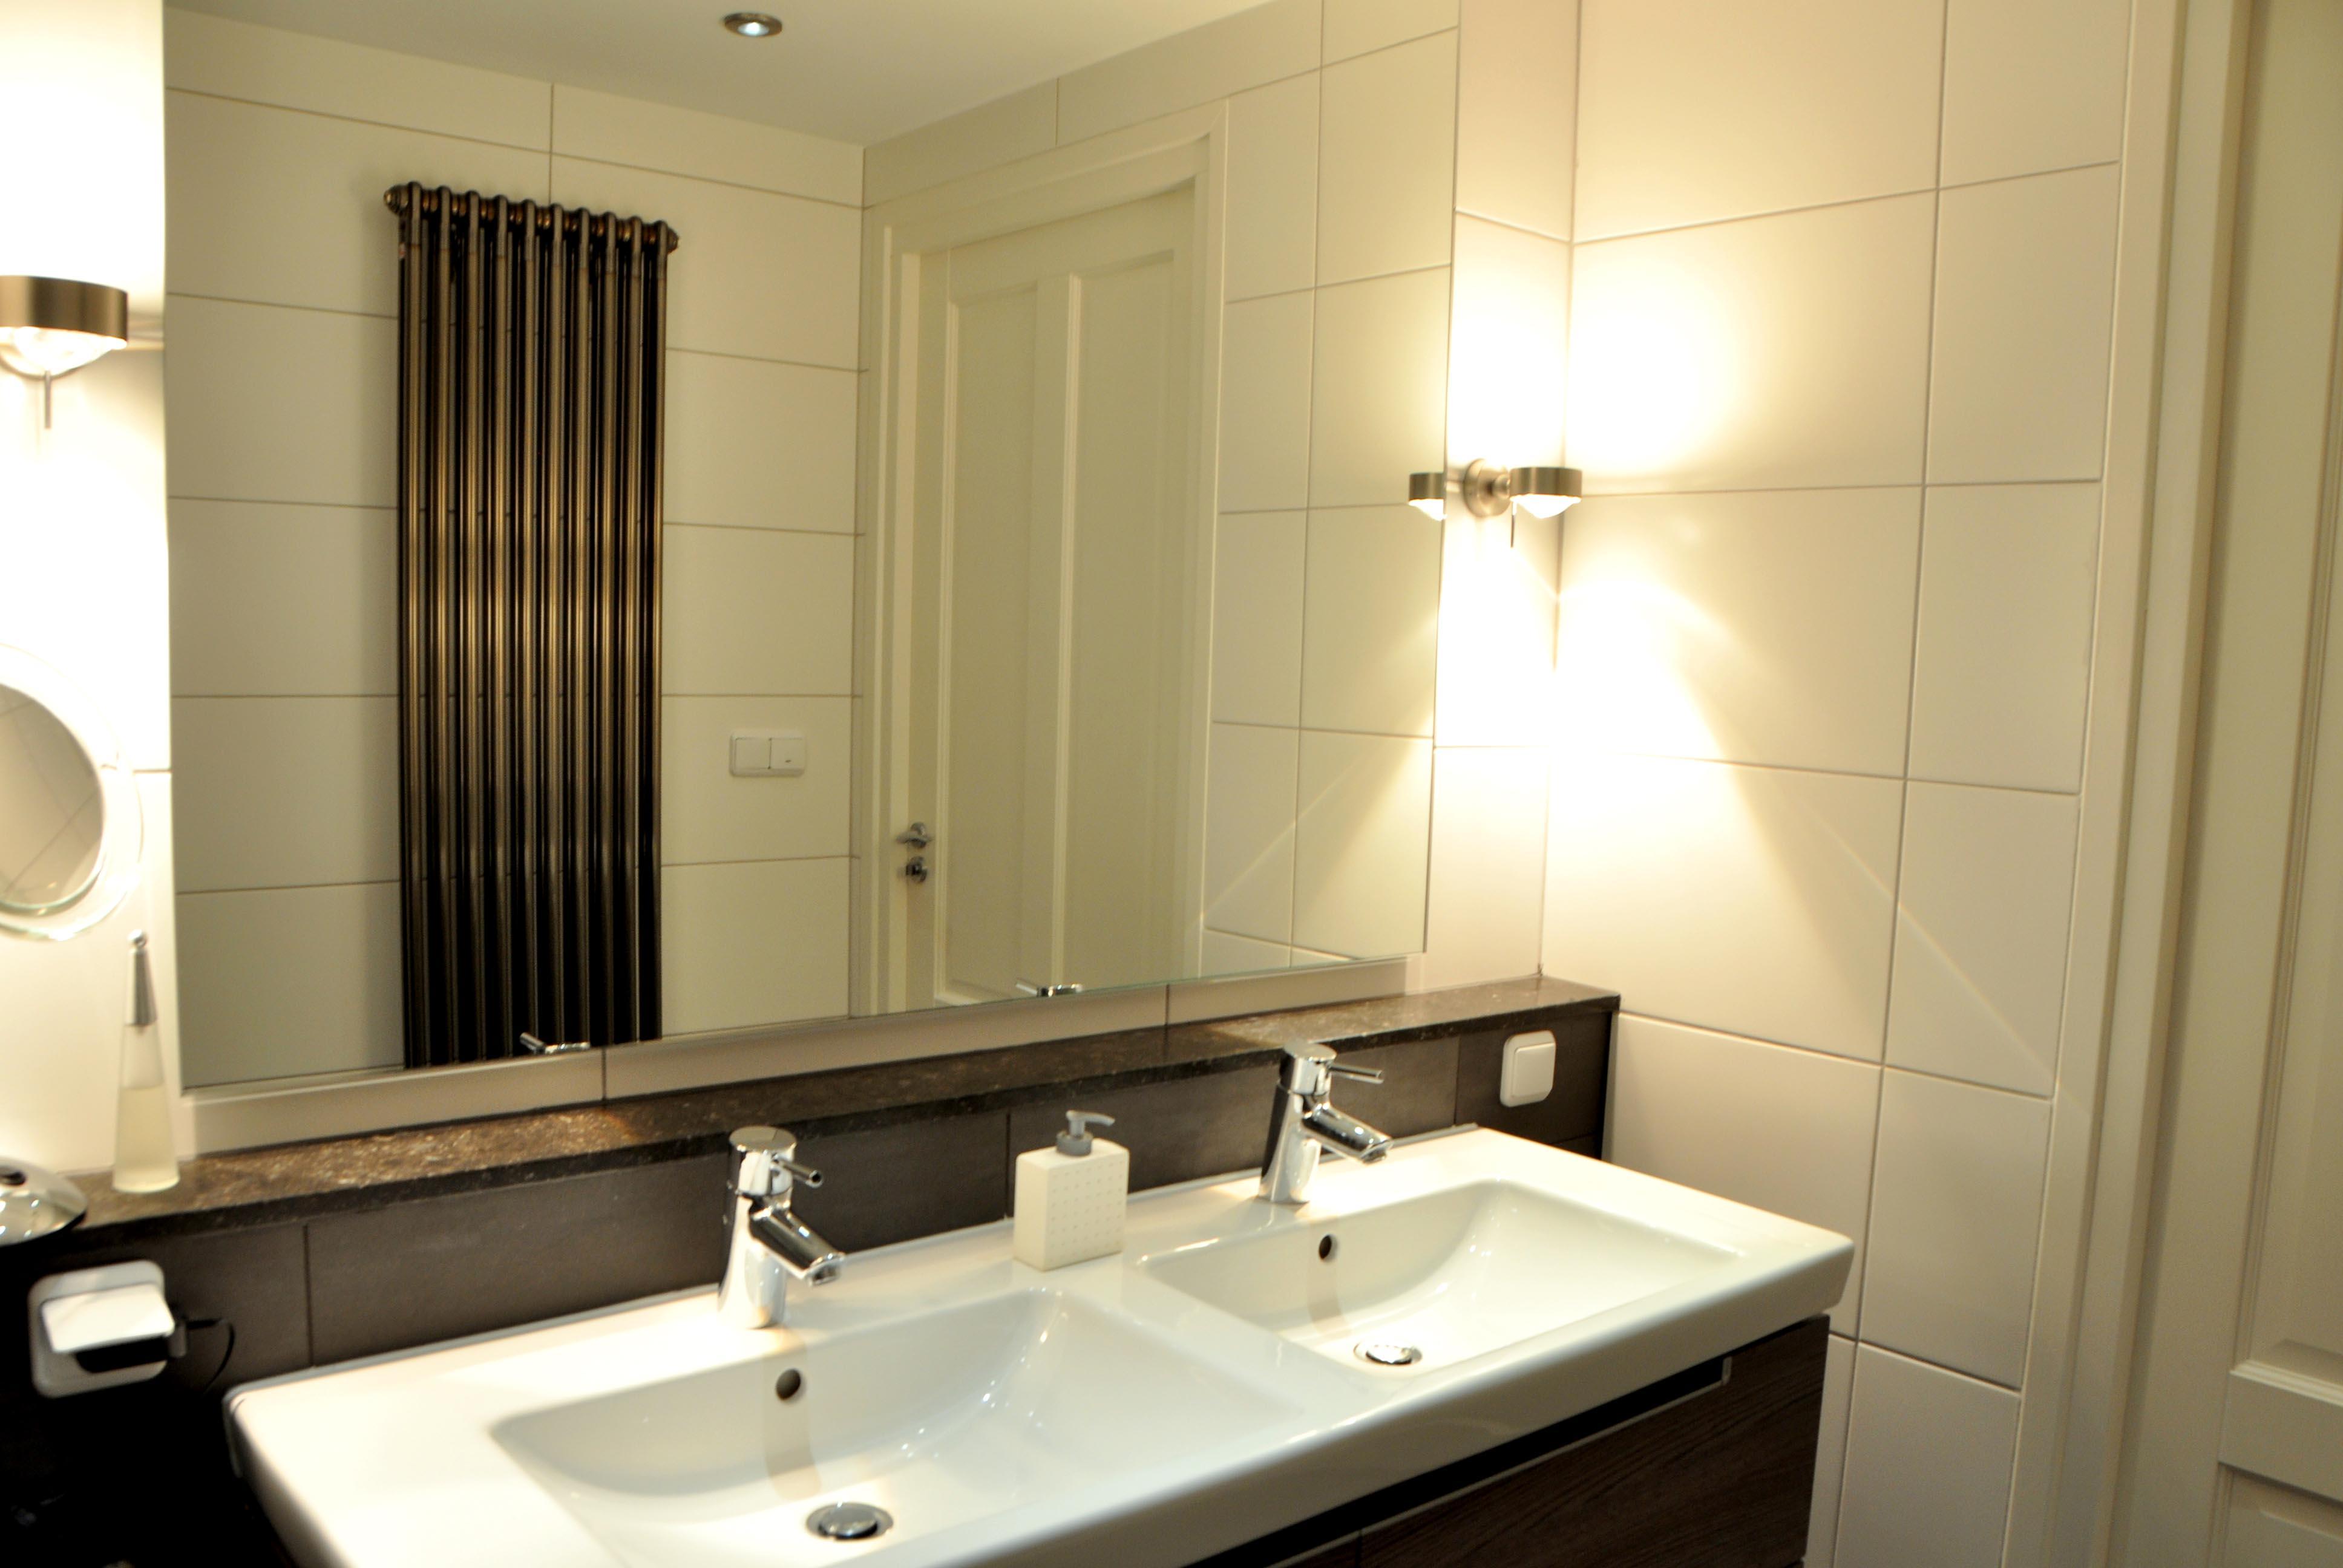 Fred Verweij | Vernieuwen badkamer